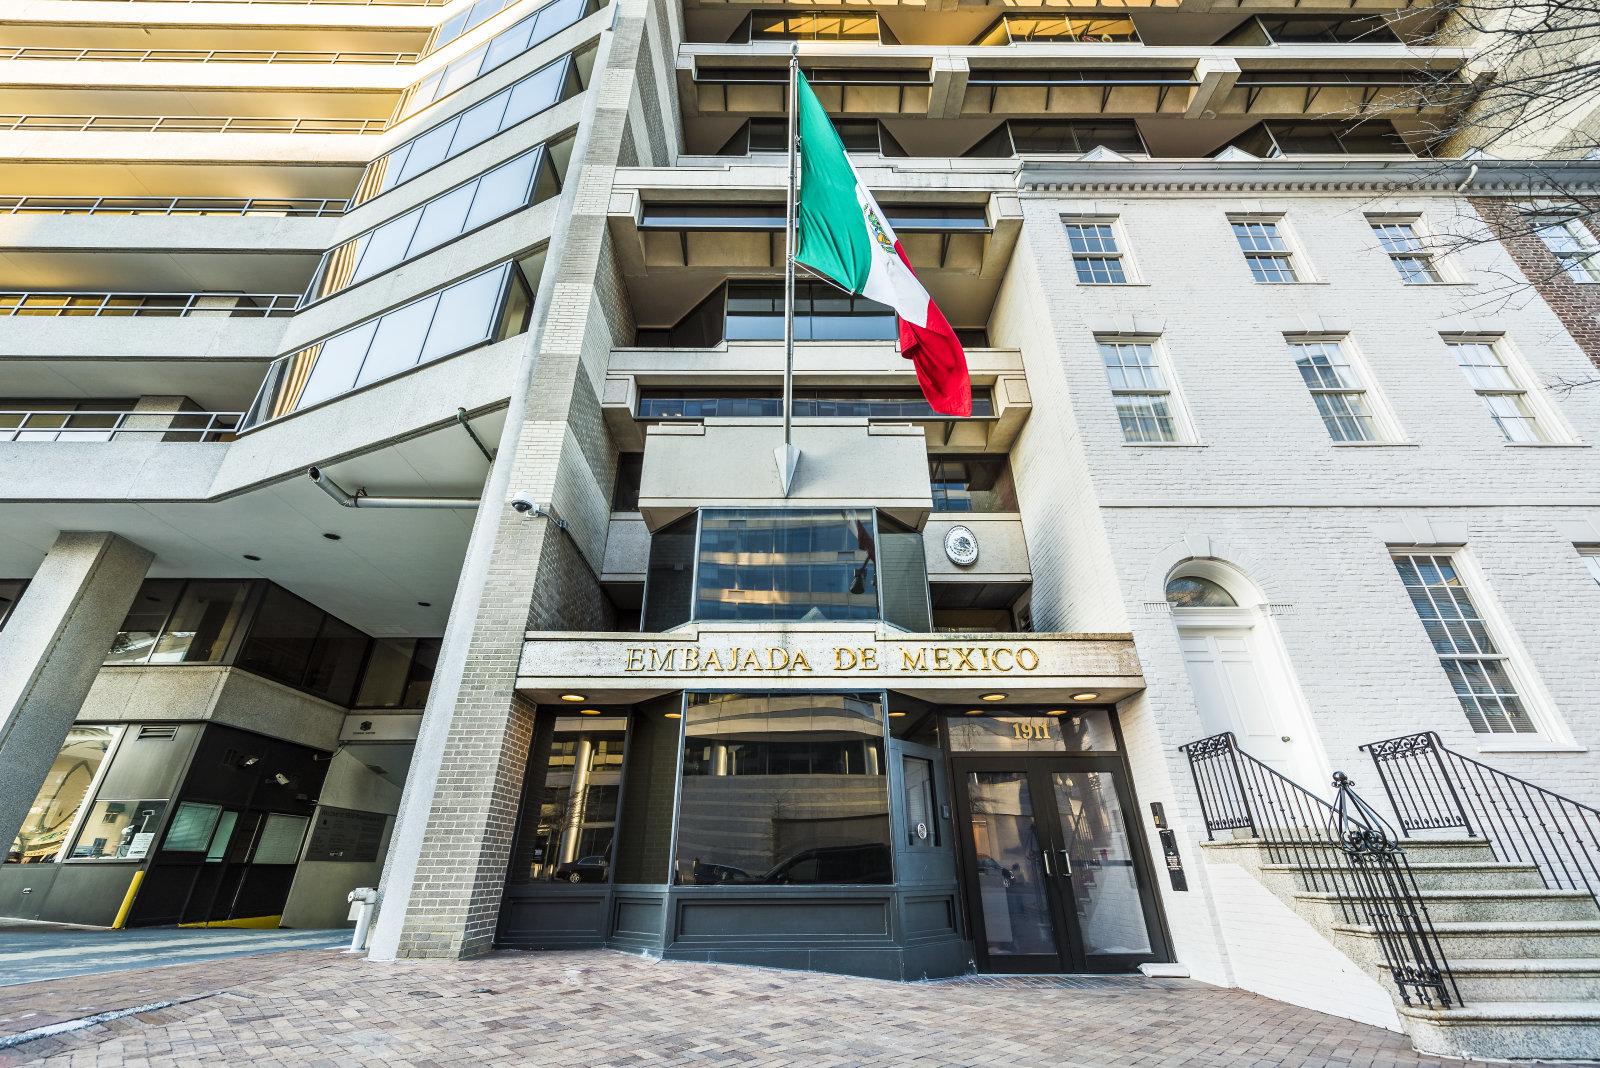 اختراق السفارة المكسيكية في غواتيمالا وتسريب آلاف المستندات الحساسة